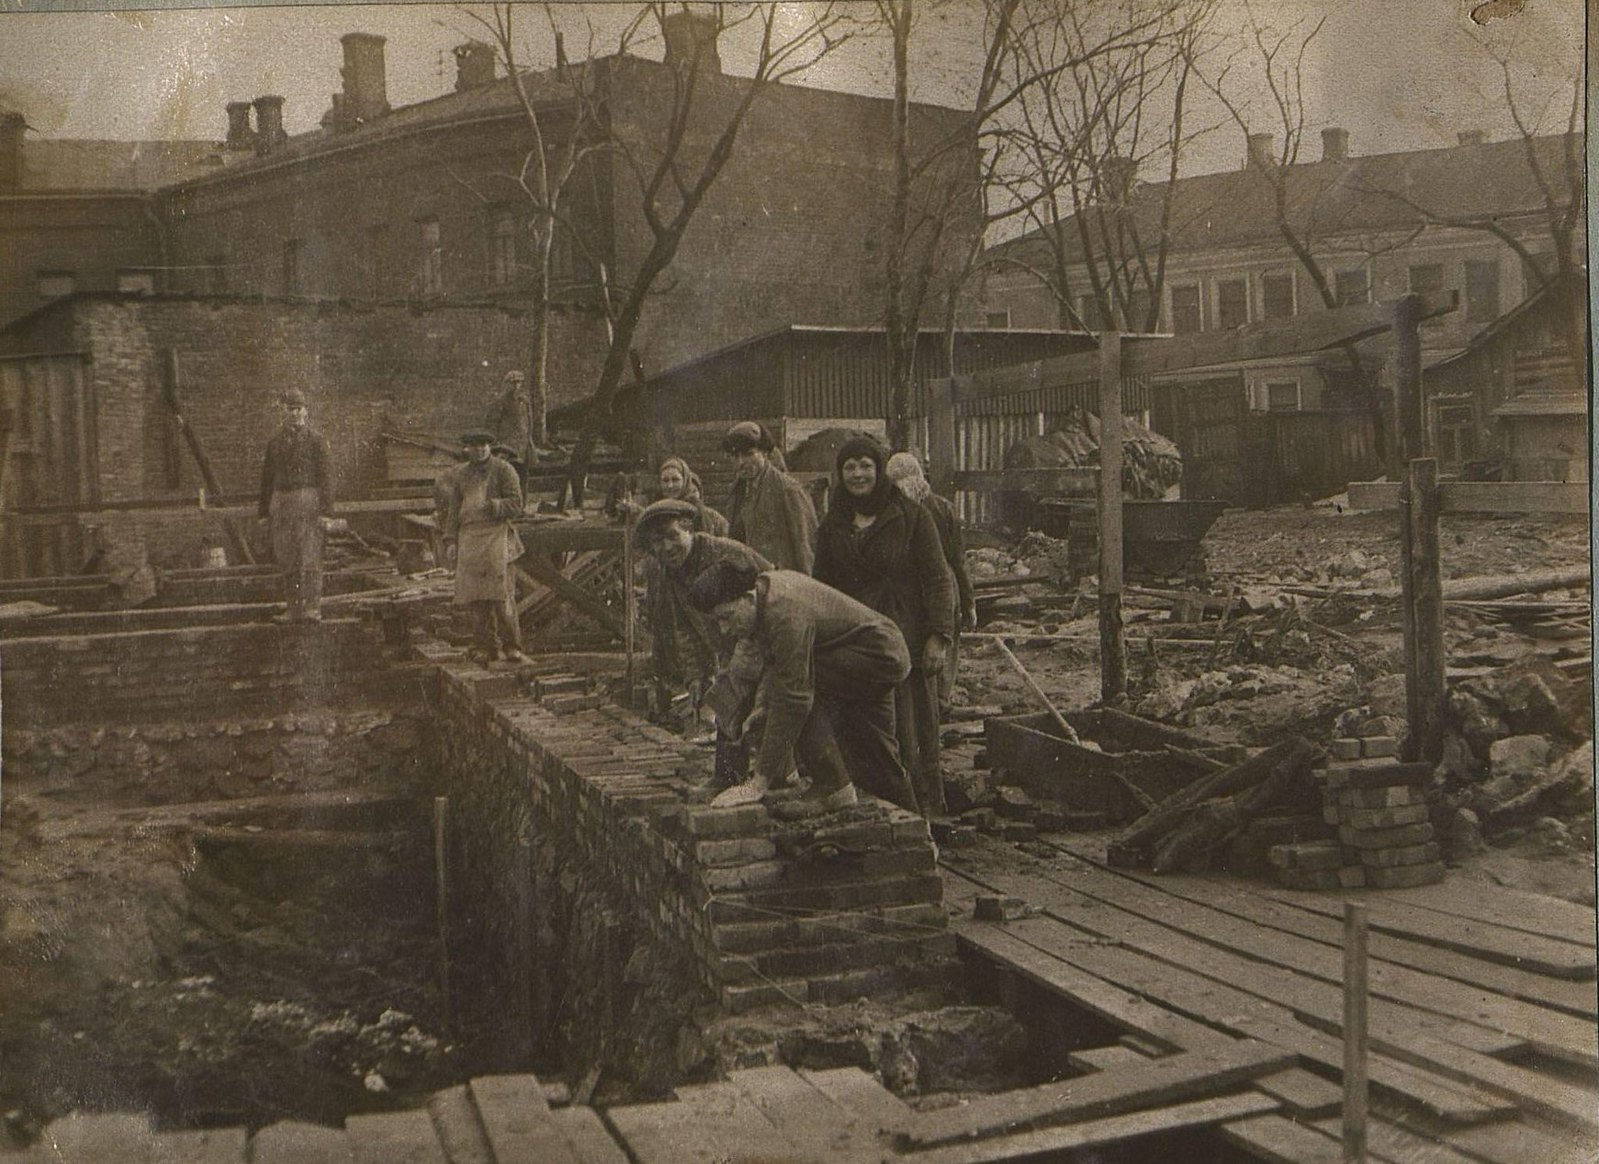 03. 1937. Строительство школы на улице Красина, дом 27. Март